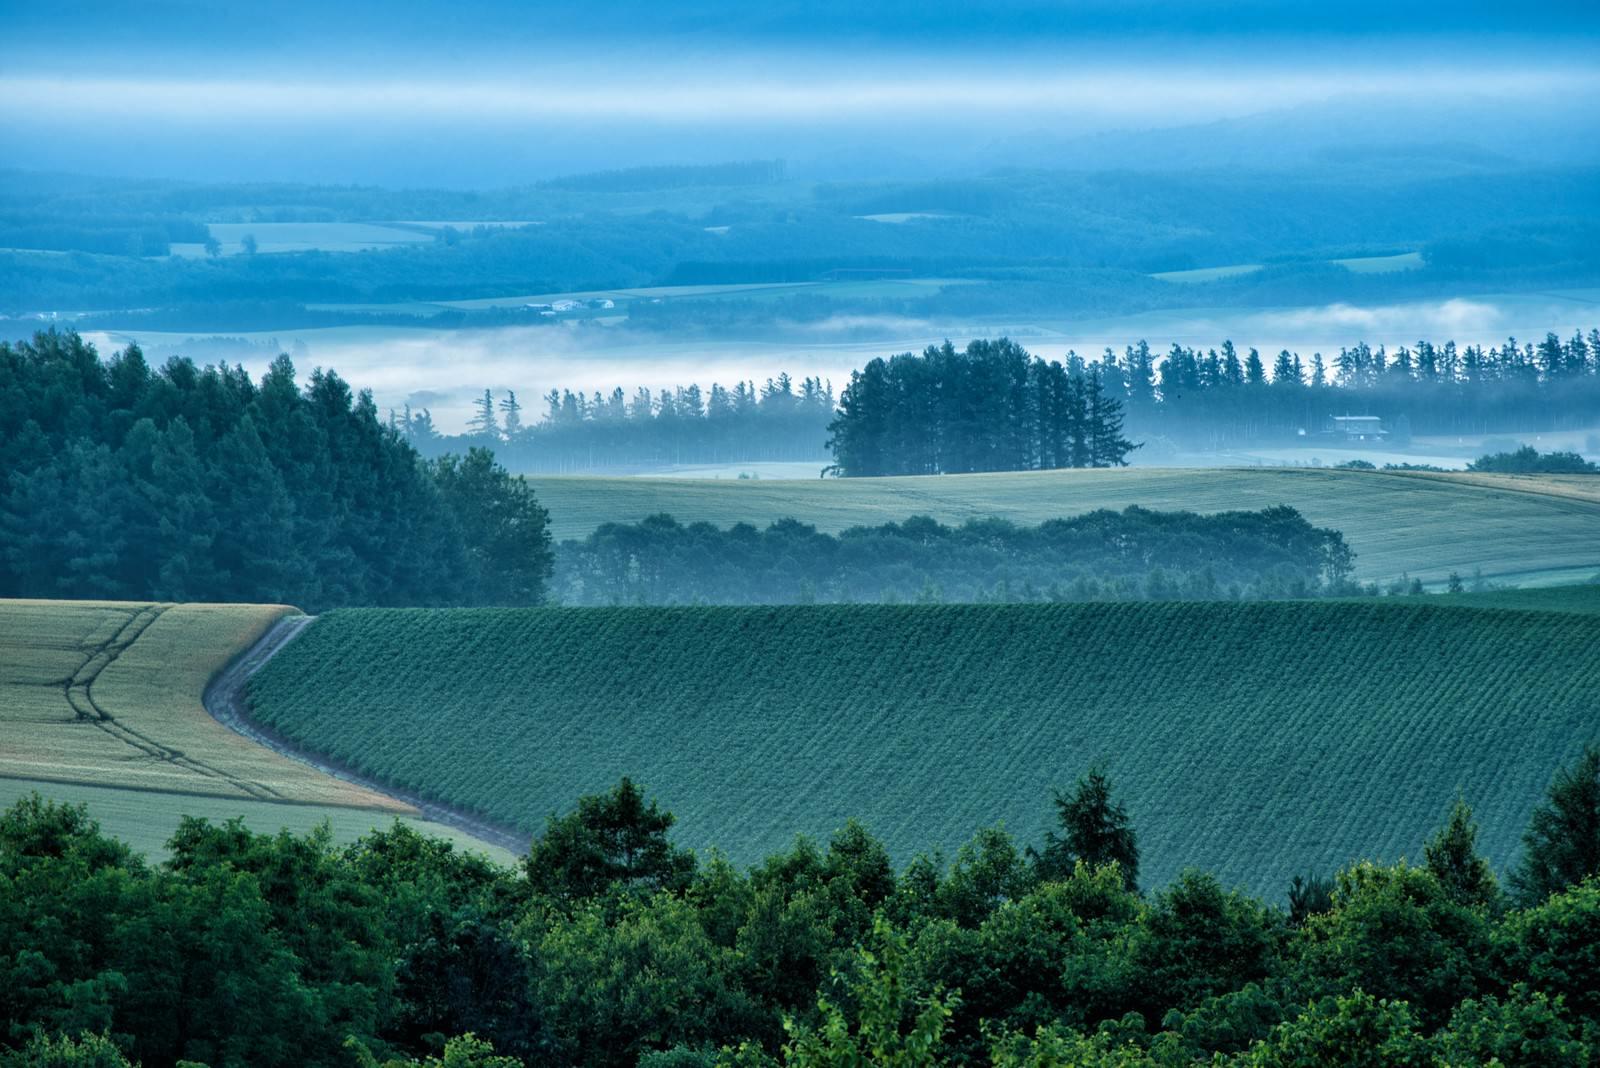 「朝霧が沸き立つ美瑛町の畑」の写真